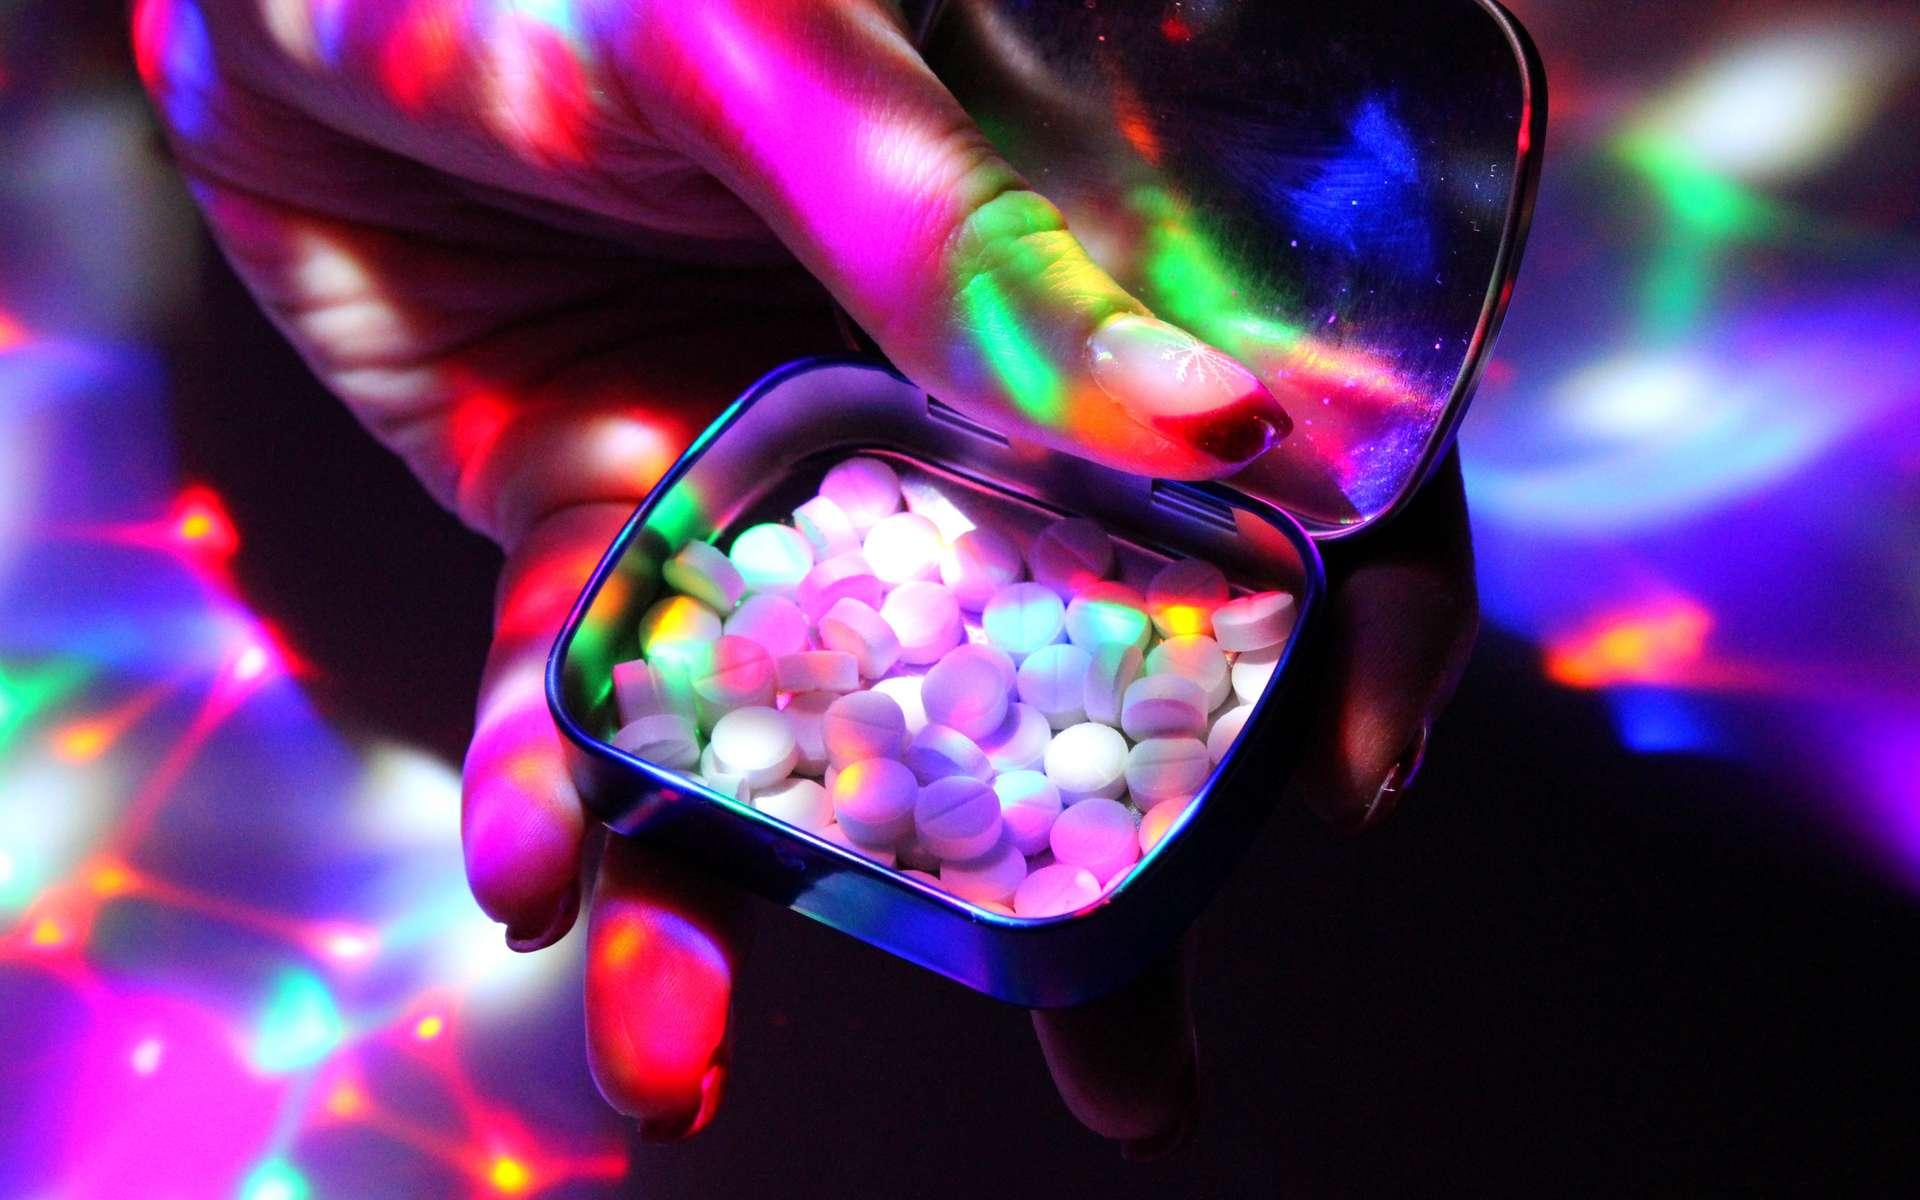 L'ecstasy est une drogue psychoactive illégale principalement utilisée à des fins récréatives. © luckakcul, Adobe Stock